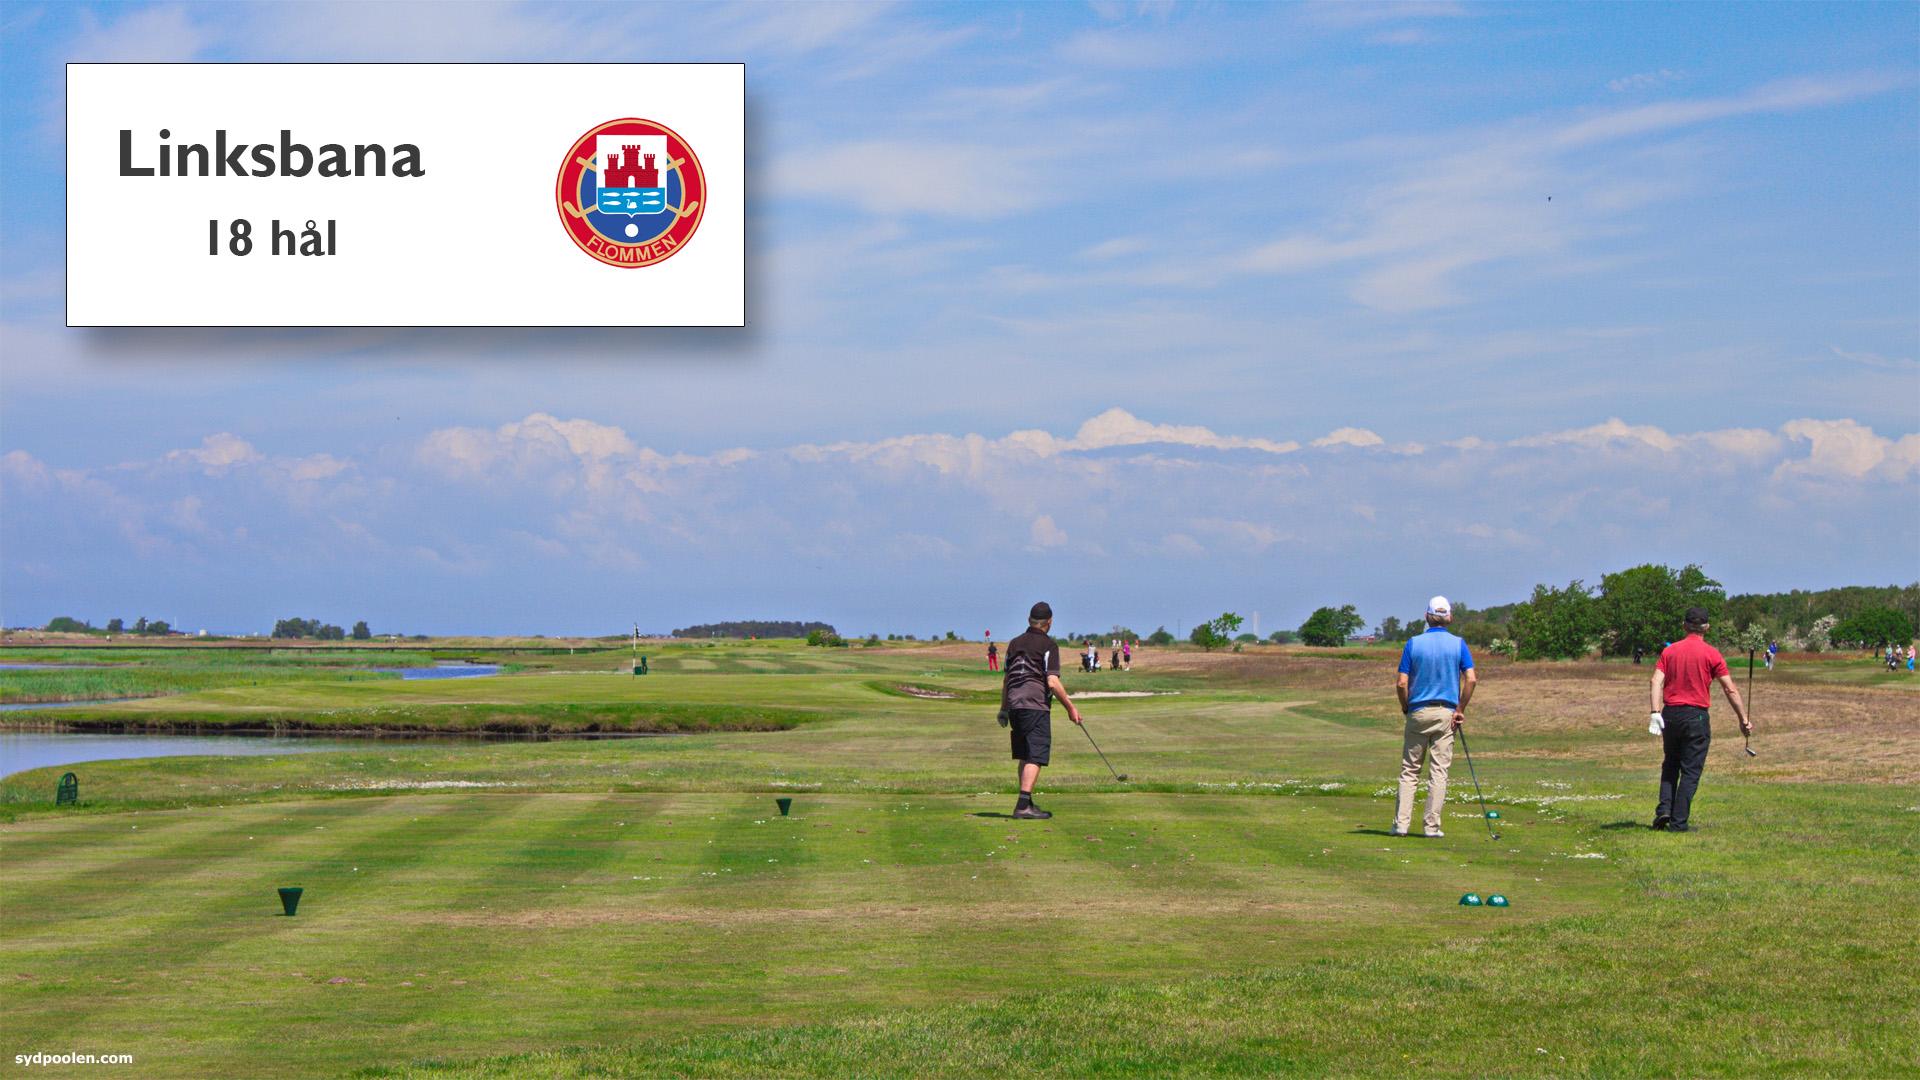 Flommens Golfklubb